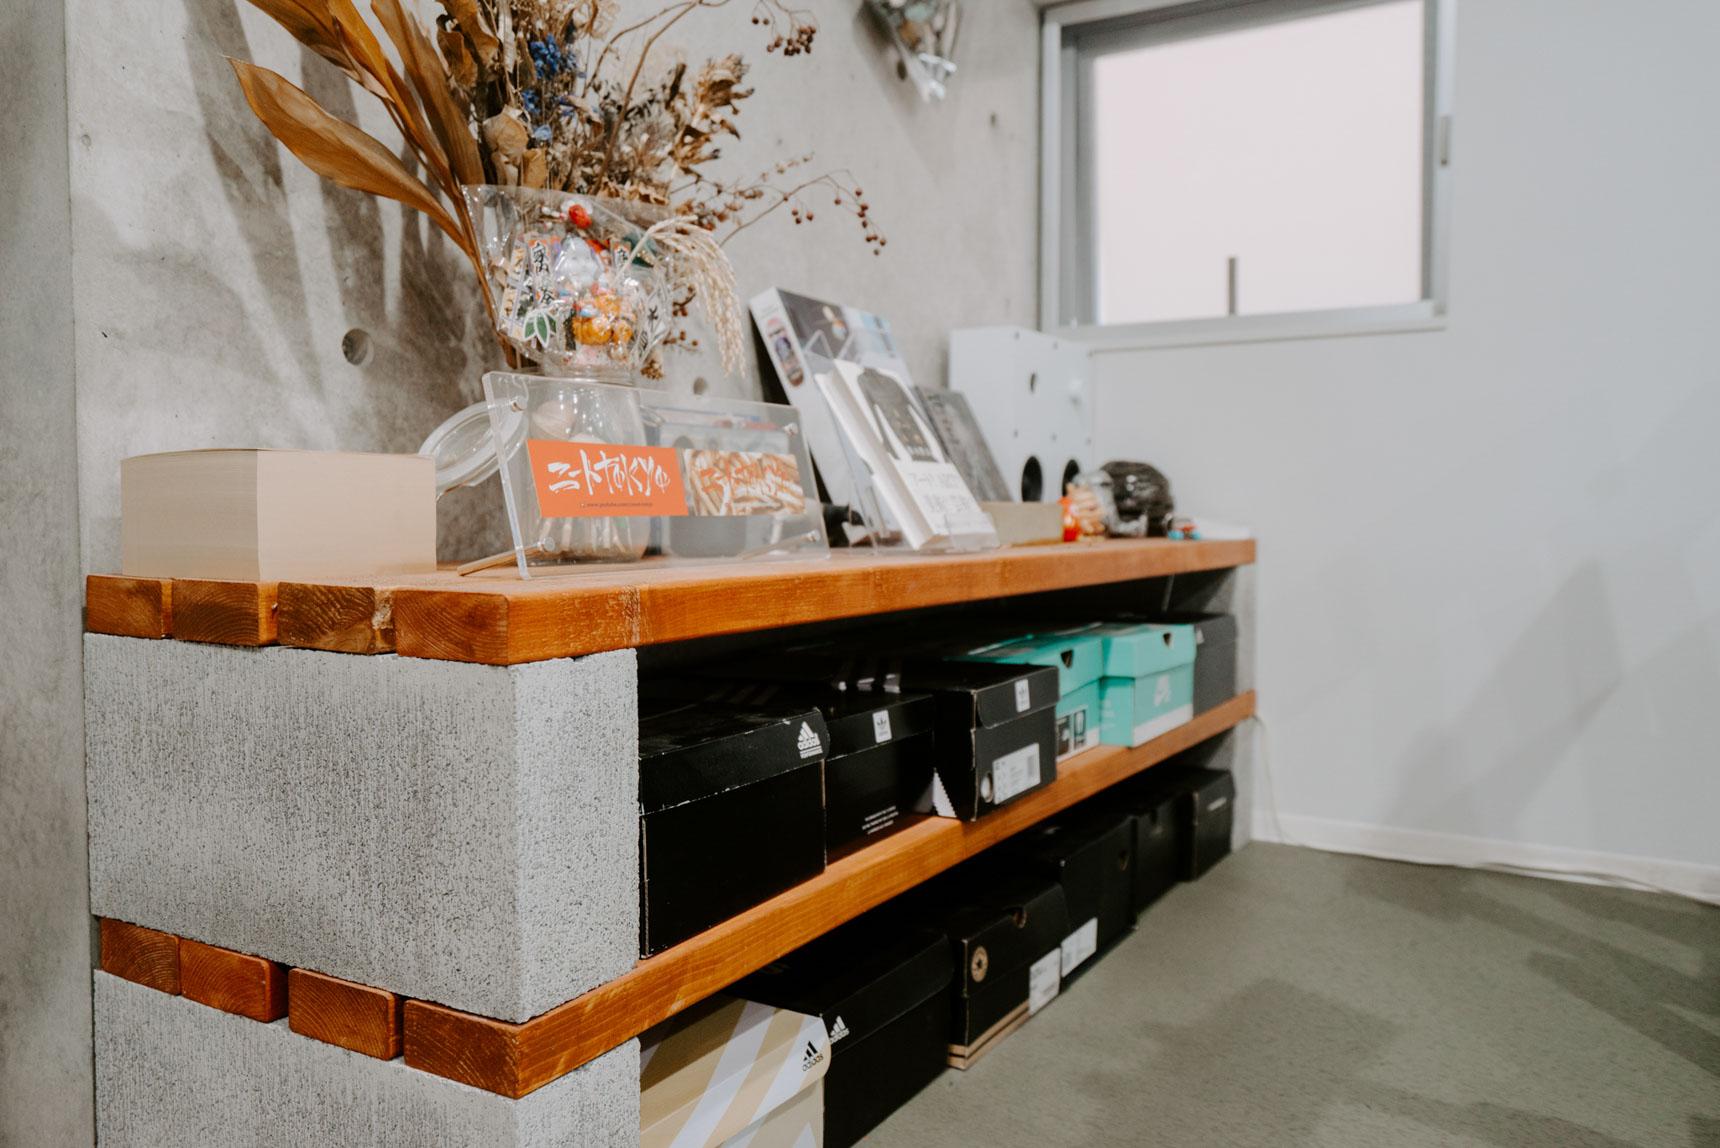 かっこいいテイストの飾り棚も。スニーカーコレクションが収まる棚をDIYして、その上を飾り棚にされた方の事例。モノトーンの表紙の書籍を並べて、クールな印象に。(このお部屋をもっと見る)